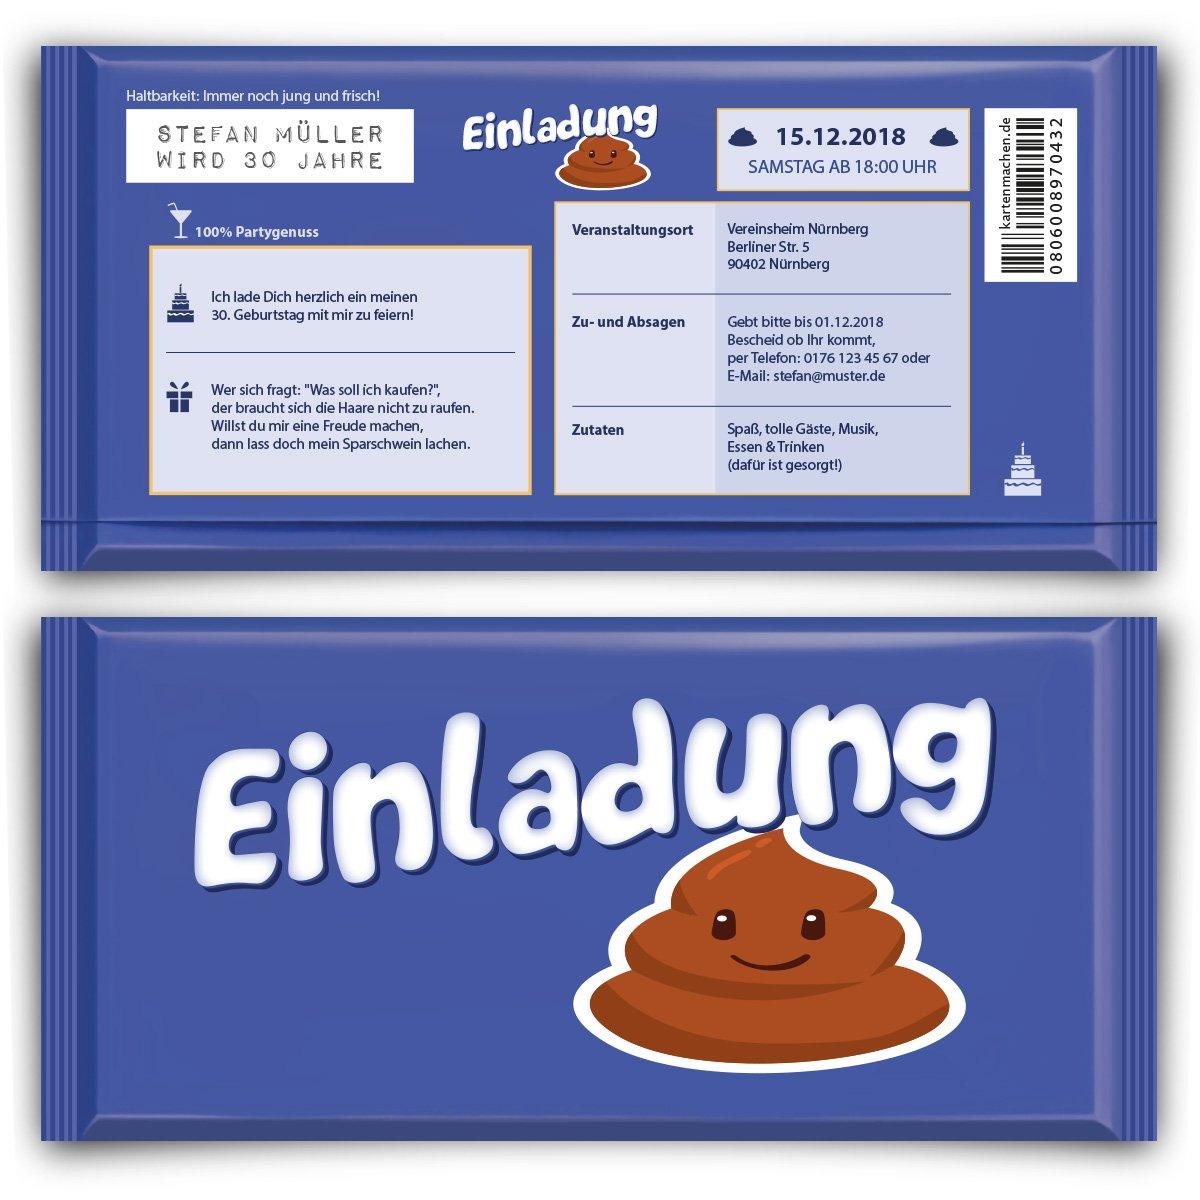 巧克力趣味生日邀请函